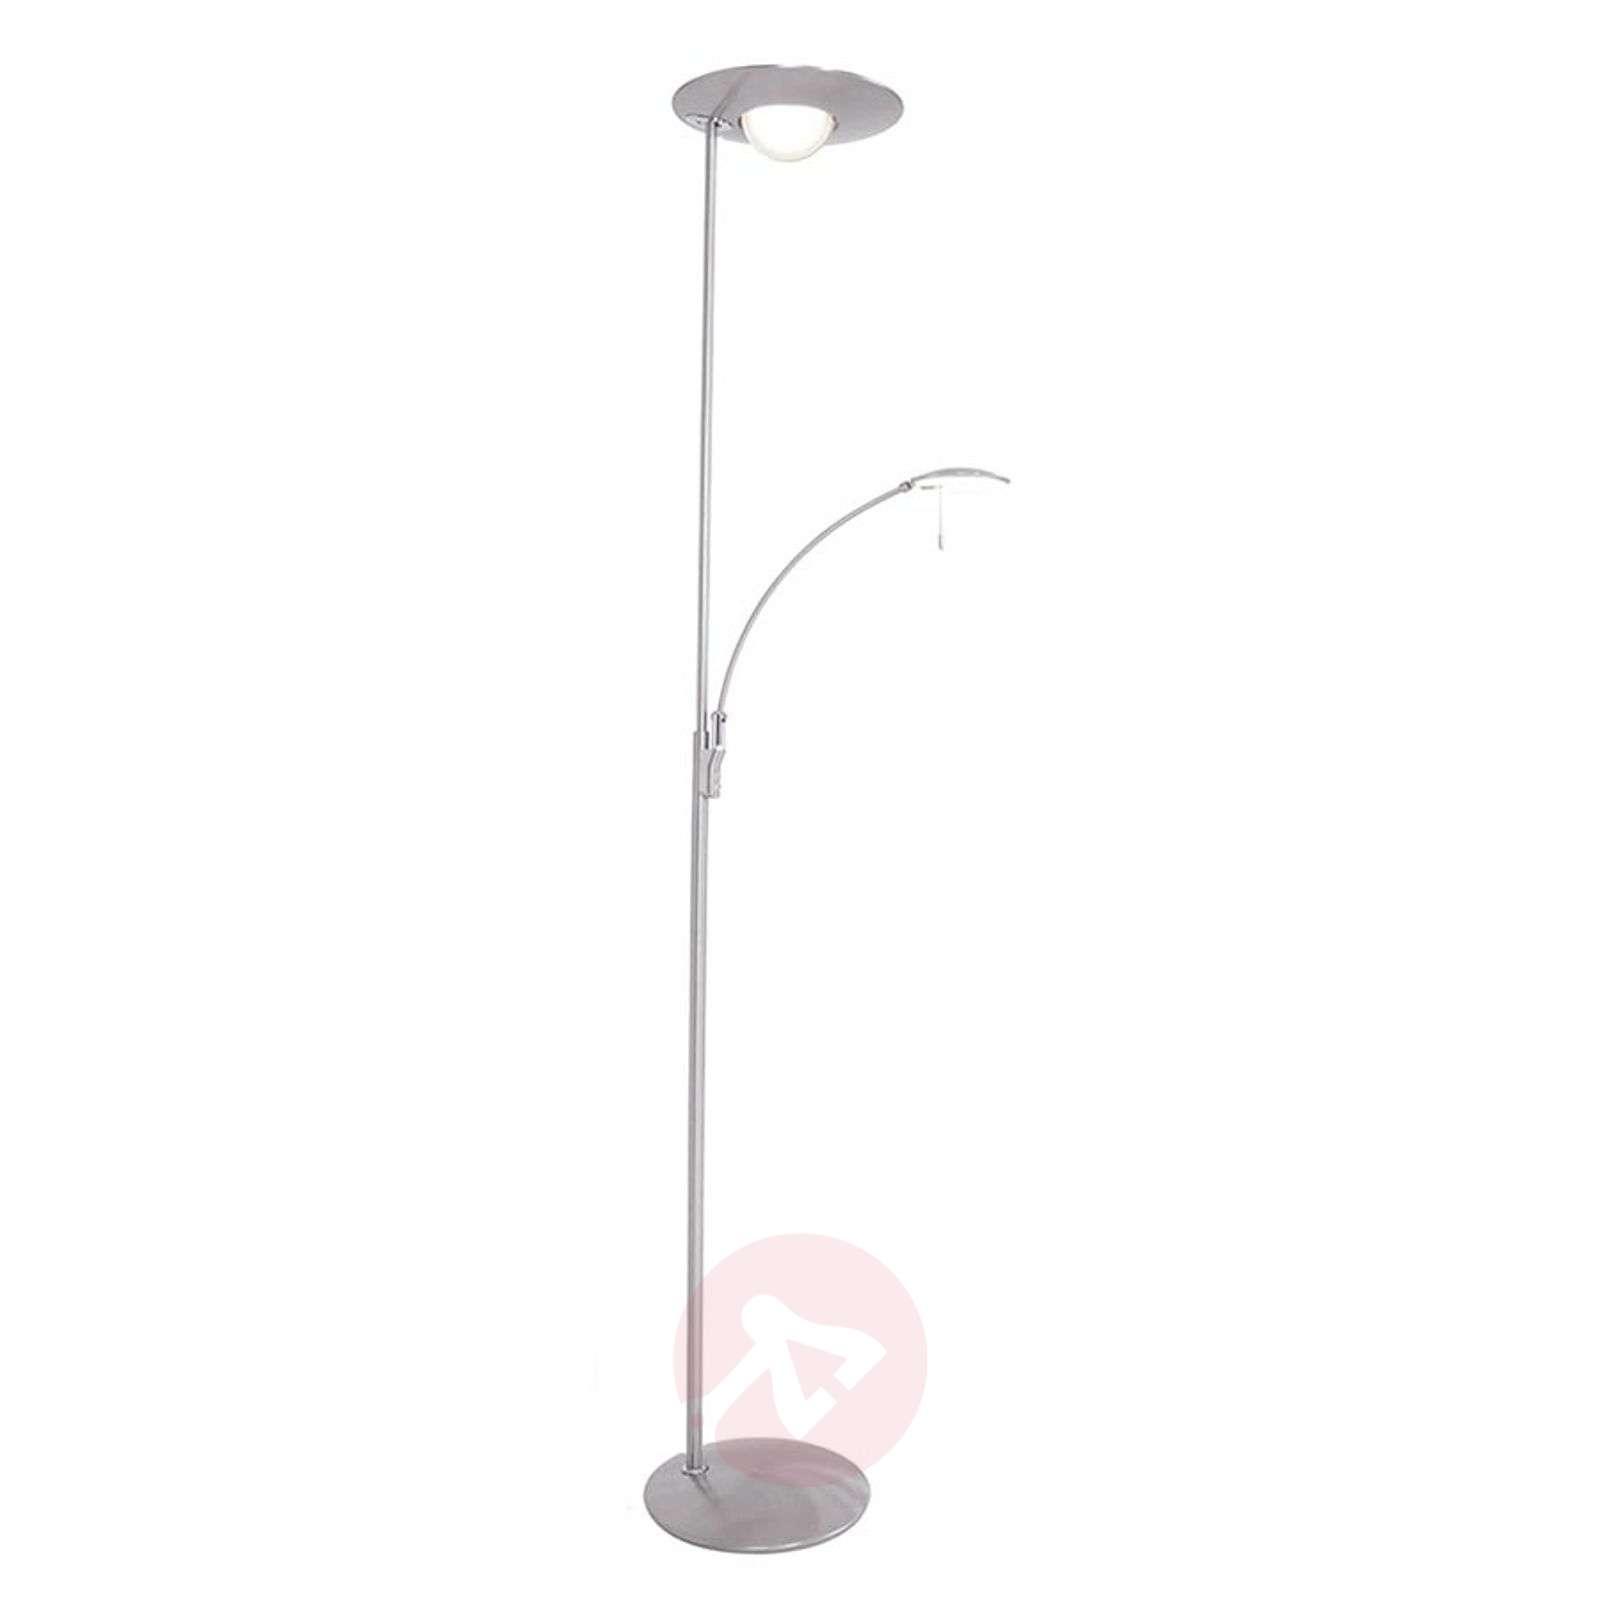 LED floor lamp Zenith with reading light, dimmer-8509710-01